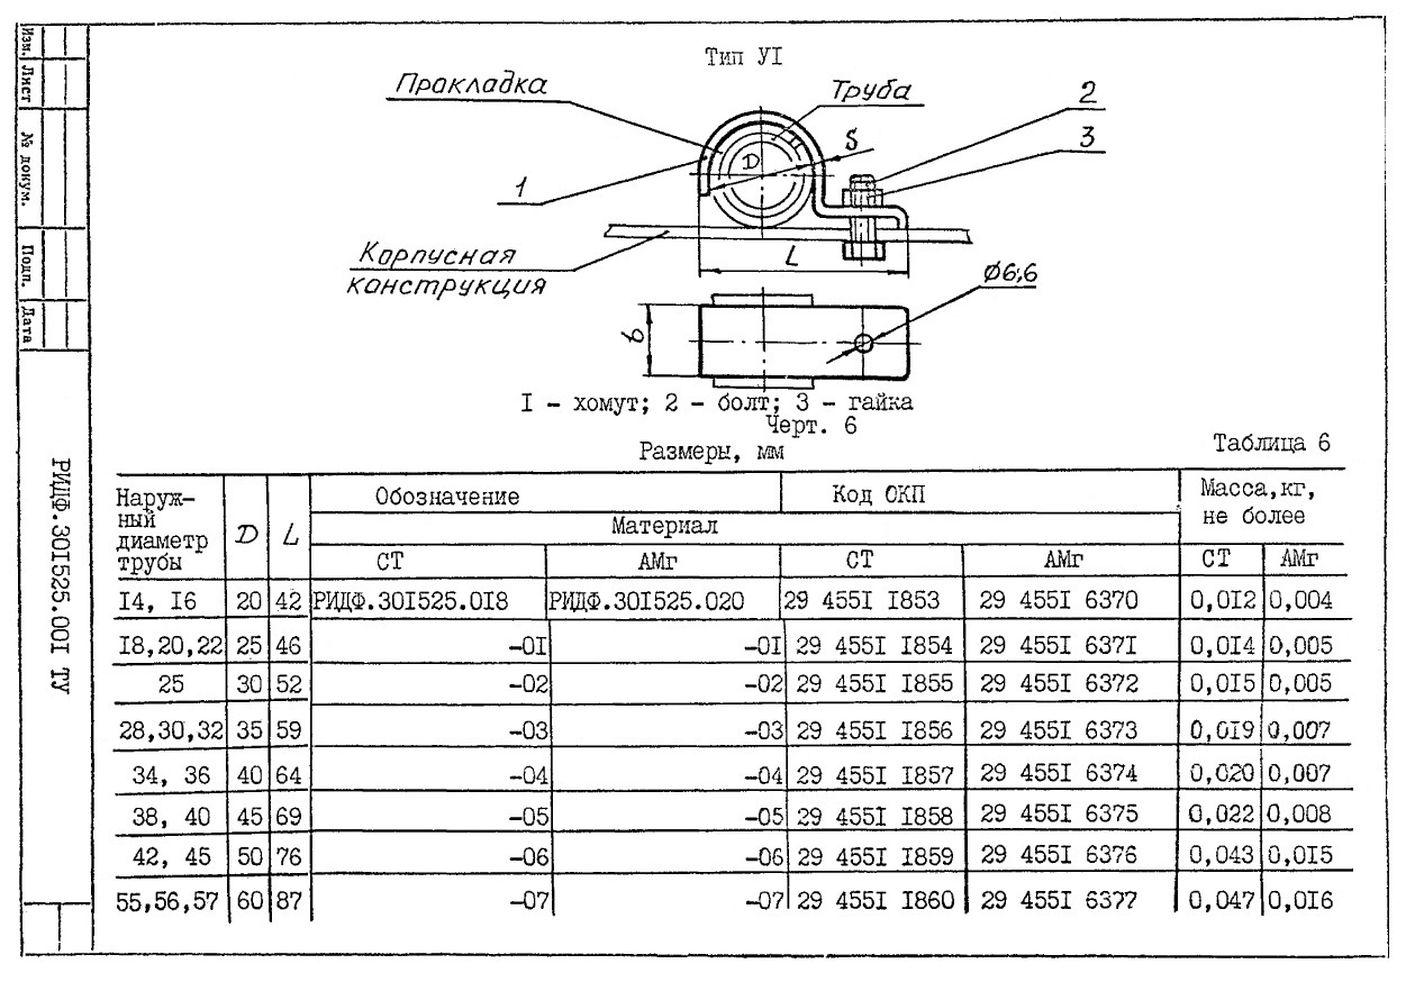 Подвески судовых трубопроводов Тип 6 ТУ 5-89 РИДФ.301525.001 ТУ